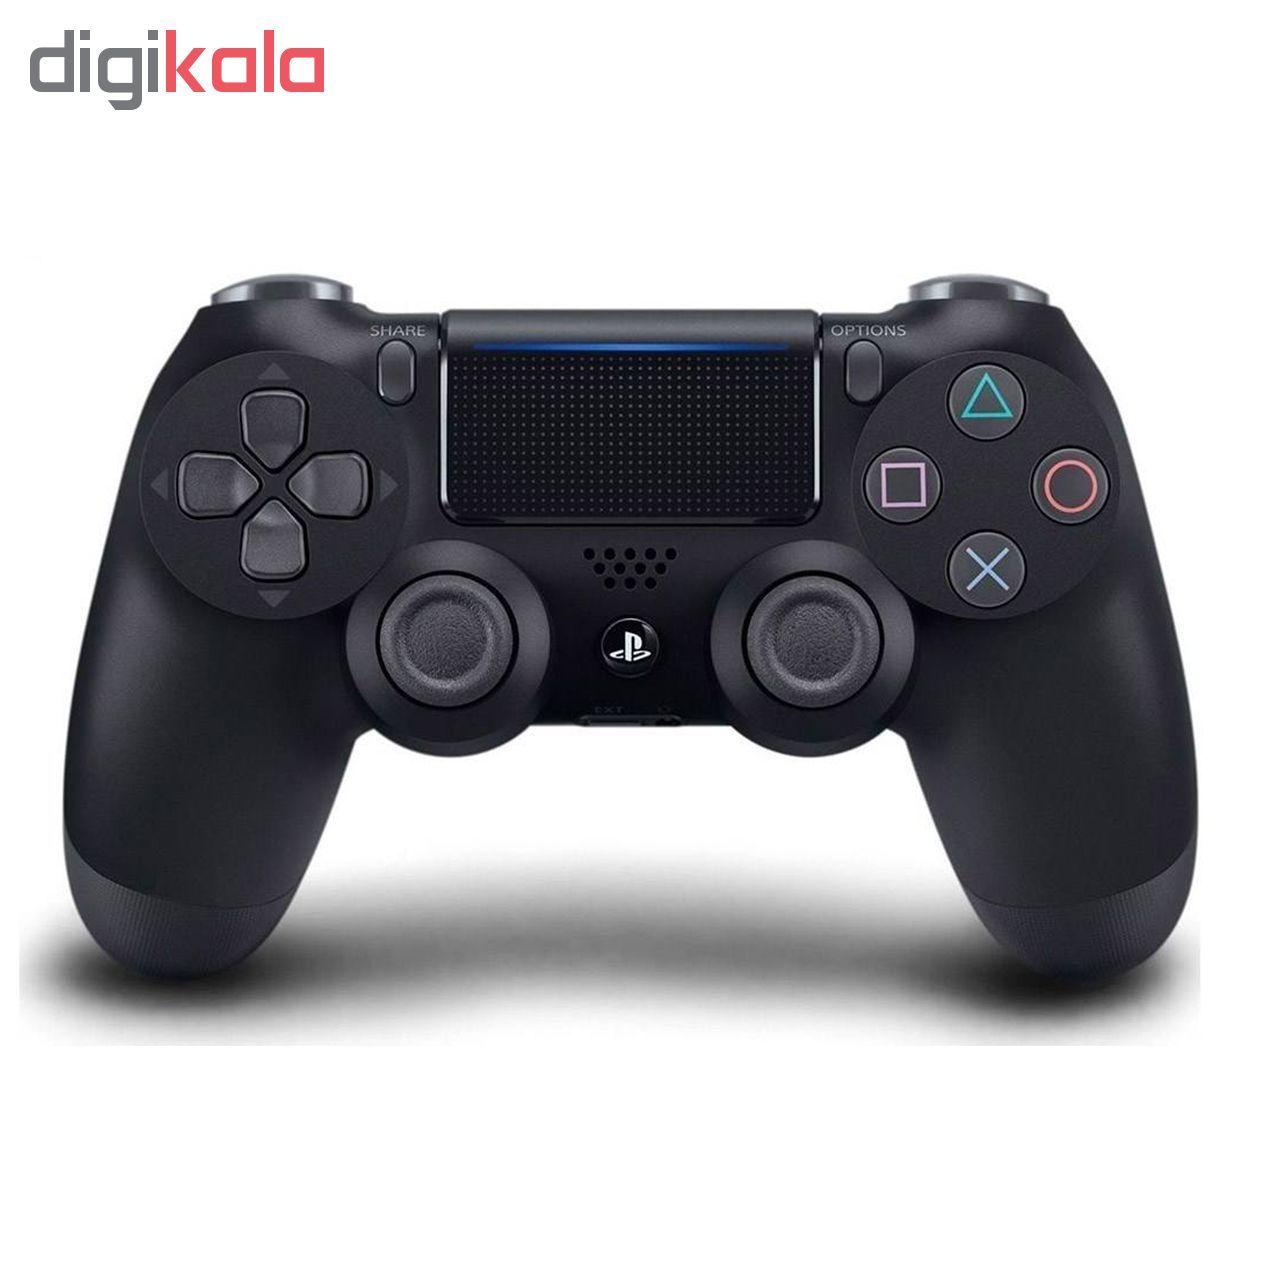 کنسول بازی سونی مدل Playstation 4 Slim کد Region 2 CUH-2216A - ظرفیت 500 گیگابایت main 1 6